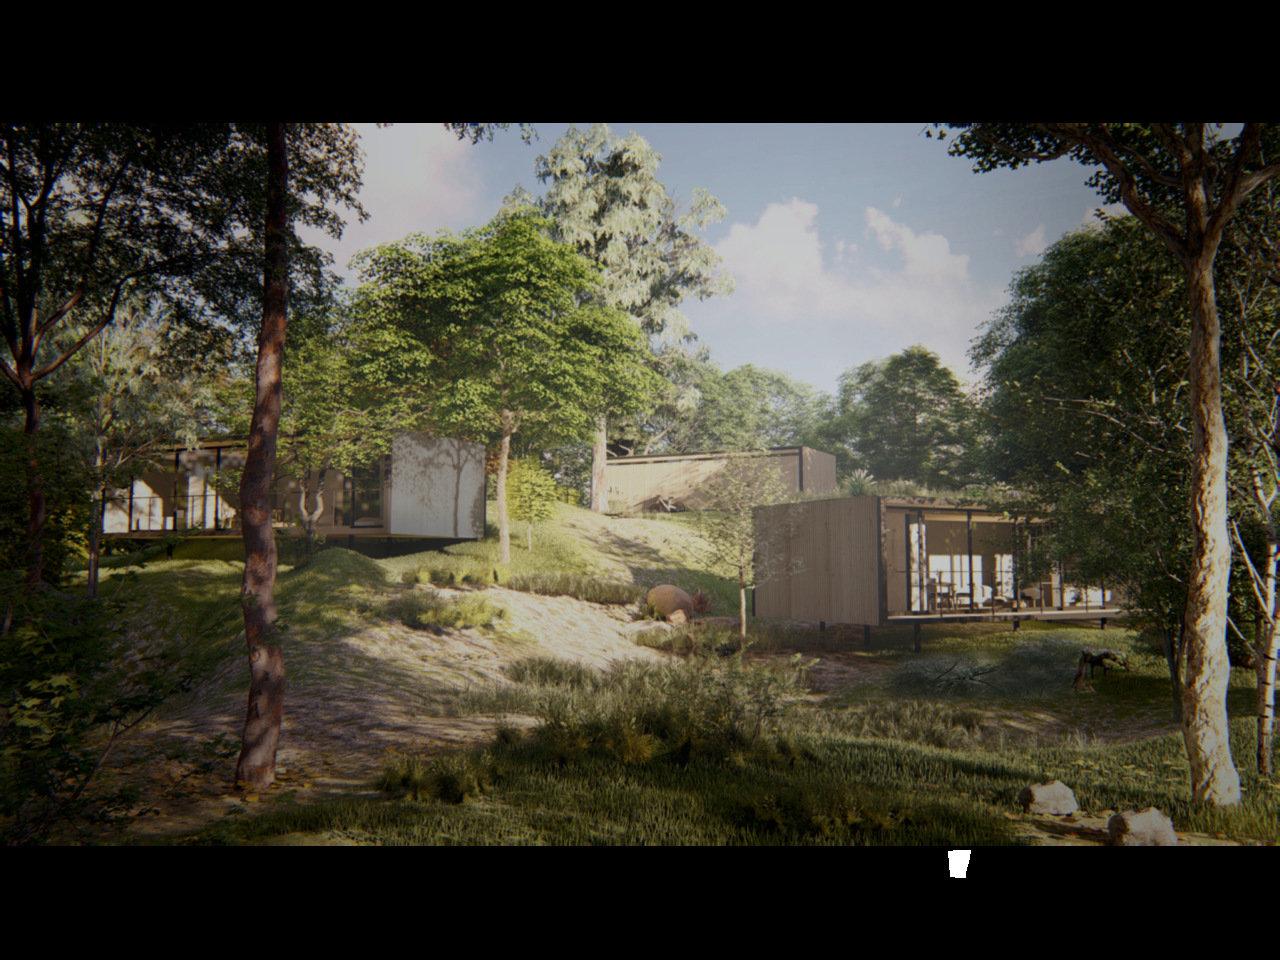 ライフスタイルブランド「SANU」が提案する、自然の中にもう一つの家があるライフスタイル。